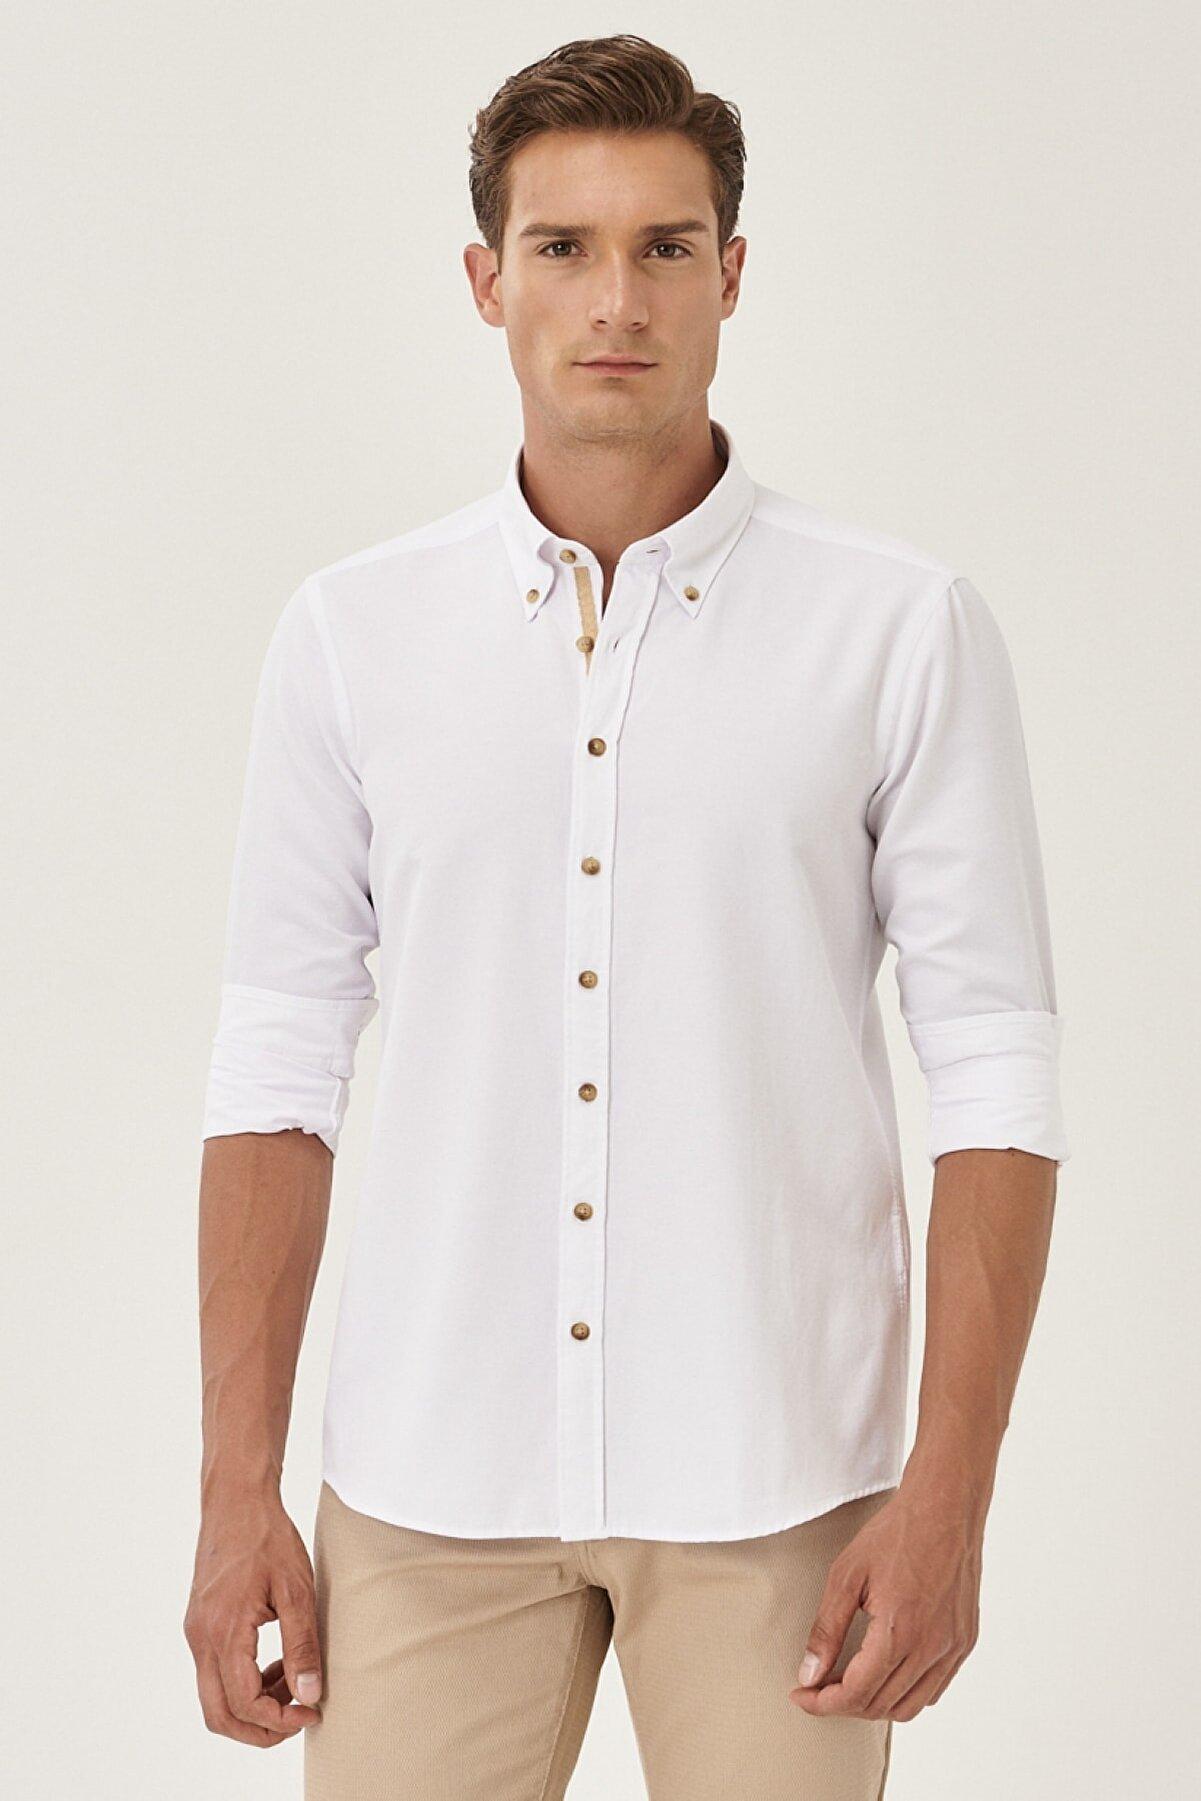 Altınyıldız Classics Erkek Beyaz Tailored Slim Fit Dar Kesim Düğmeli Yaka Oxford Gömlek